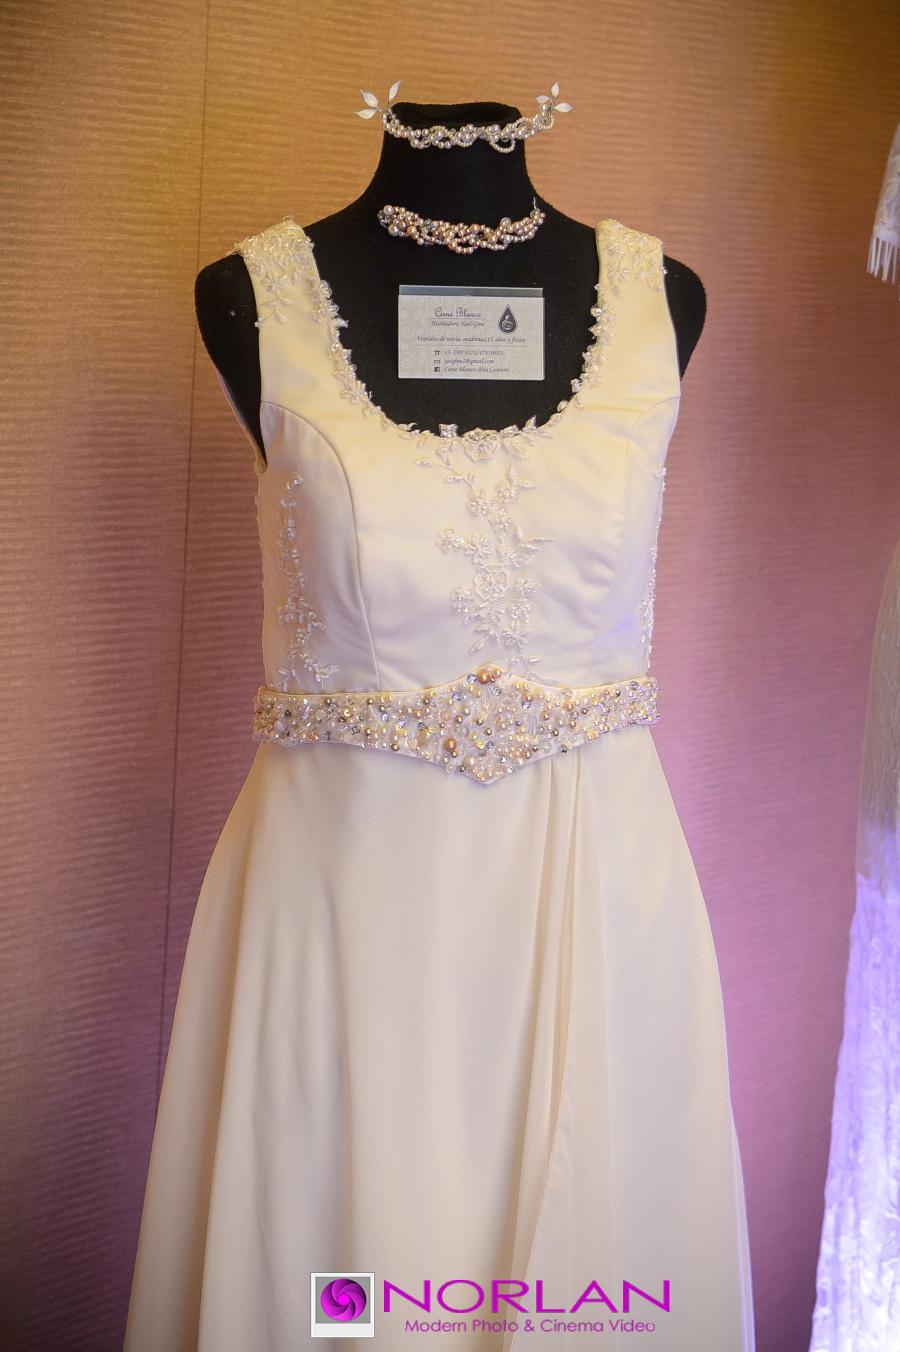 0045 -fotos norlanestudio-modern photo-fotos en buenos aires- fotos de novias en buenos aires-fotos de vestidos de novias en buenos aires